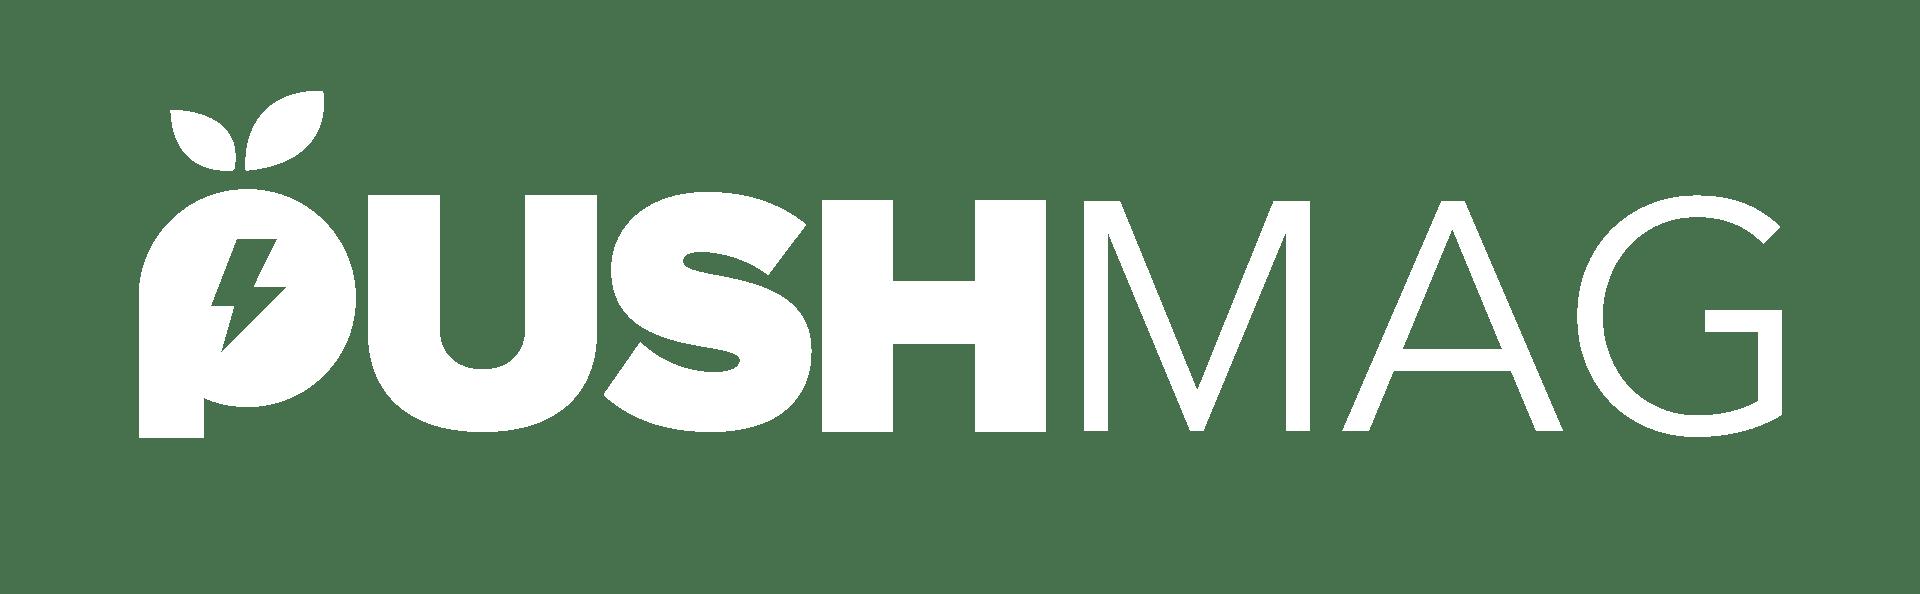 Blog Push Matcha